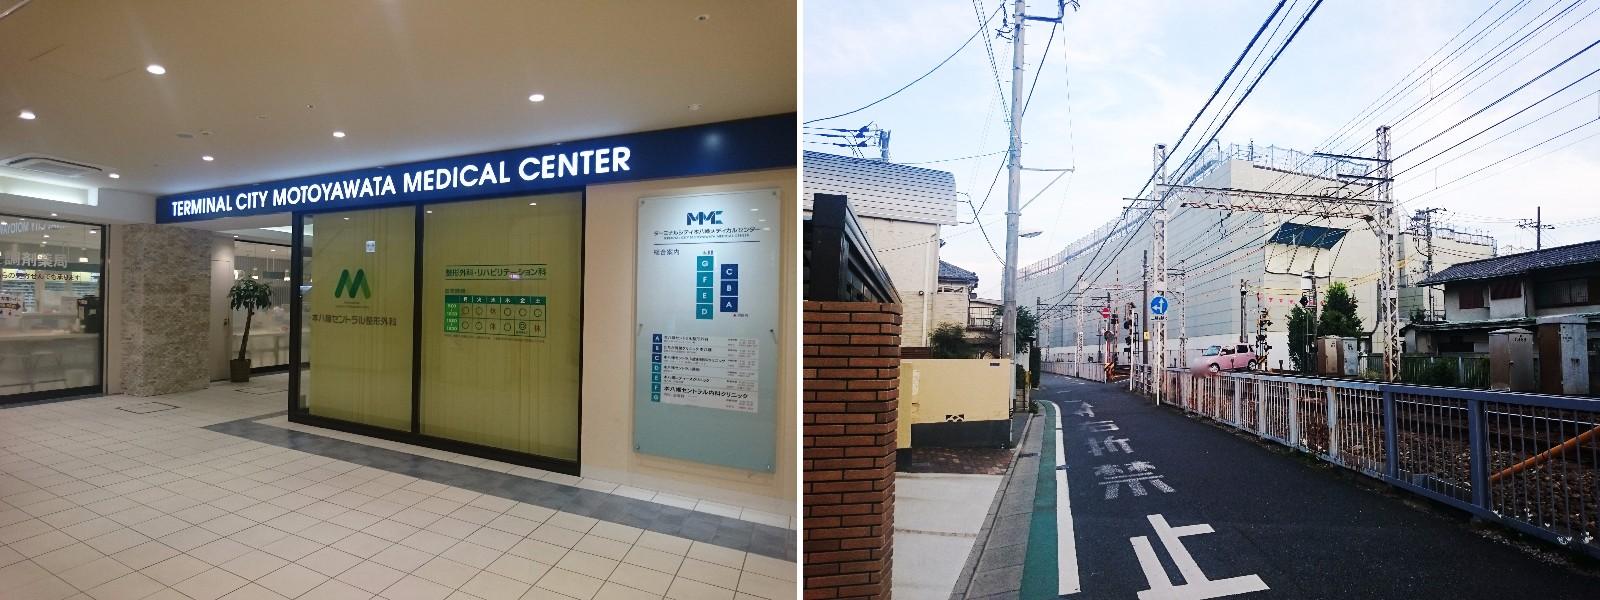 『ターミナルシティー本八幡メディカルセンター』と『市川市役所』